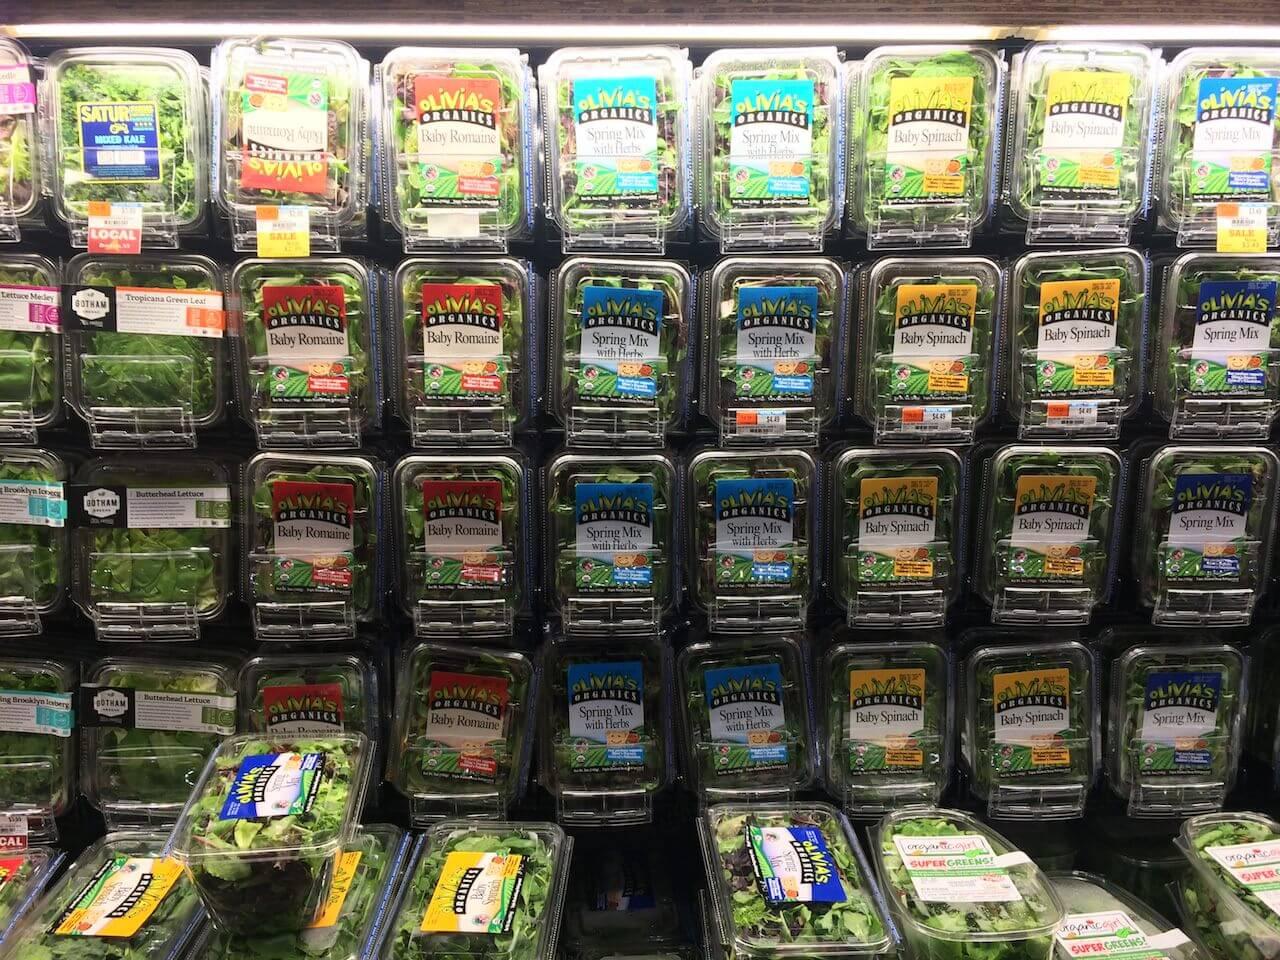 Jedna z moich ulubionych półek. Sałaty, warzywa i inne smakowitości. Wszystko porcjowane, umyte, a wybór taki, że można przez kilka miesięcy kupować inne opakowanie i ciągle mieć coś nowego.